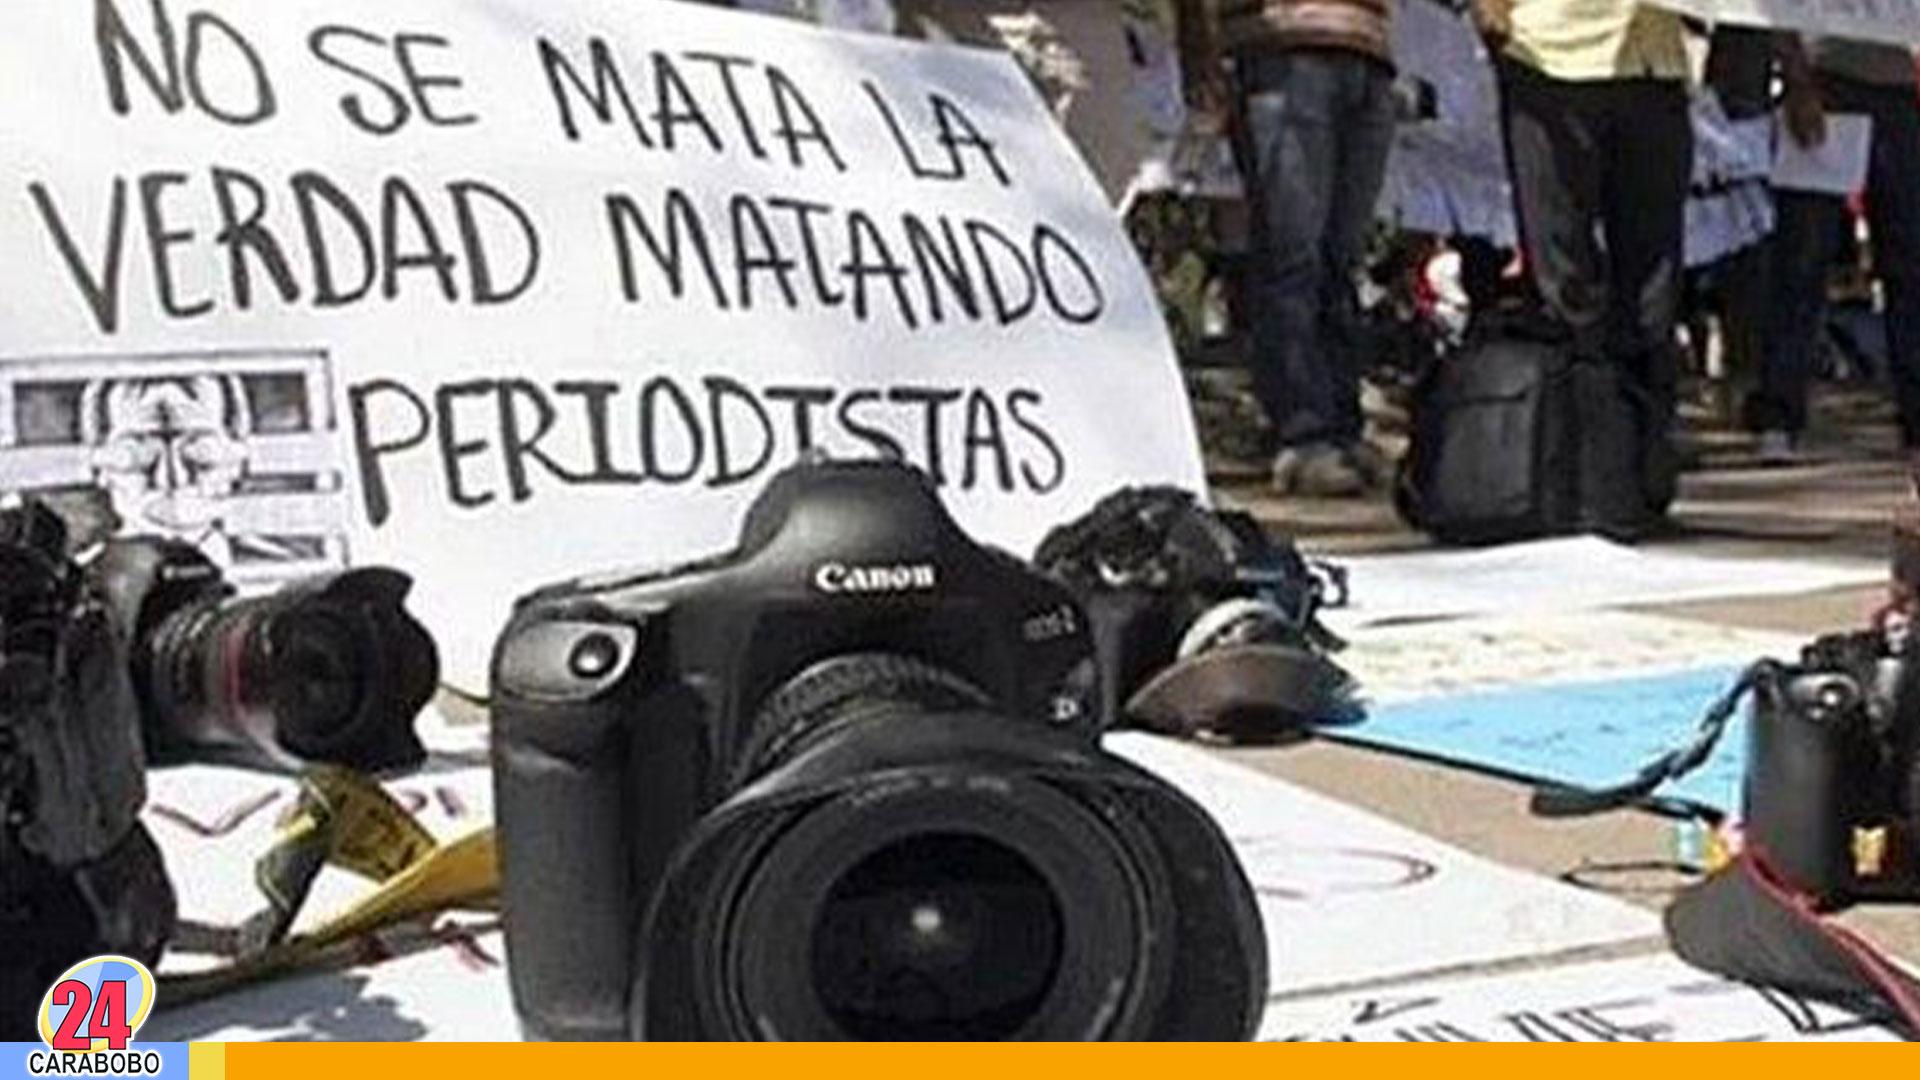 Países peligrosos contra el periodismo - Países peligrosos contra el periodismo